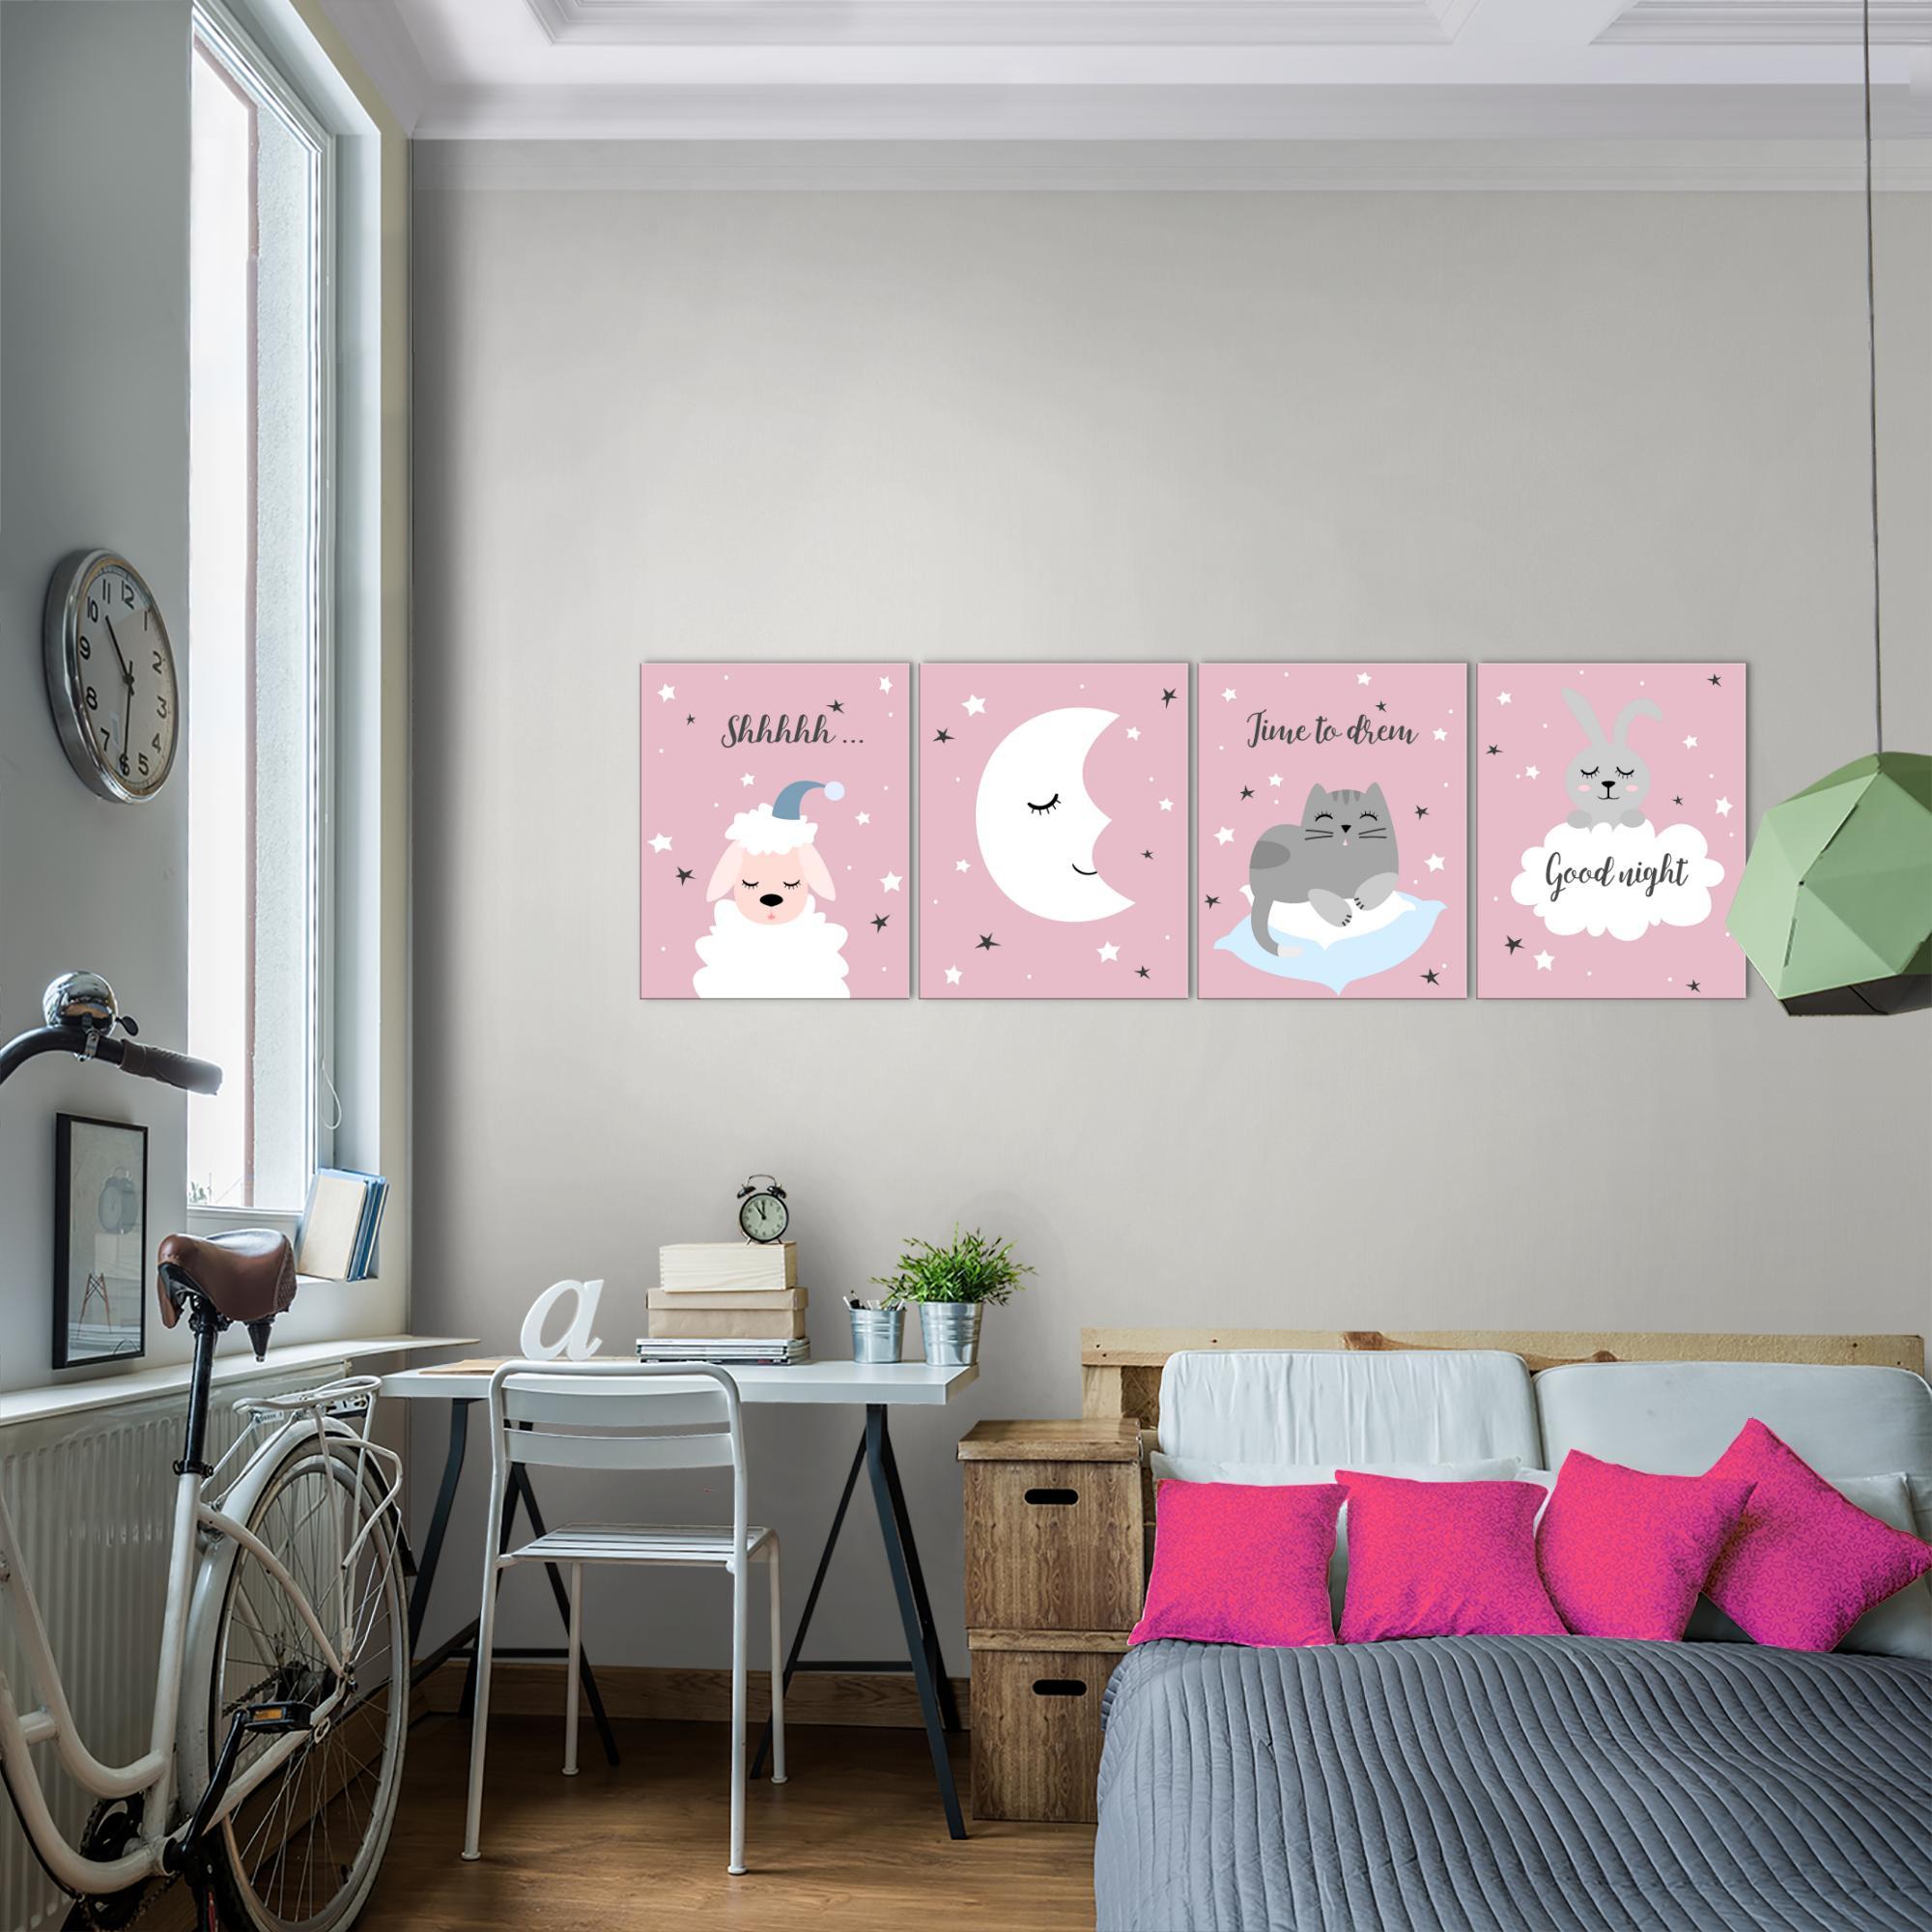 Kinderzimmer tier bild kunstdruck auf vlies leinwand - Kunstdruck kinderzimmer ...